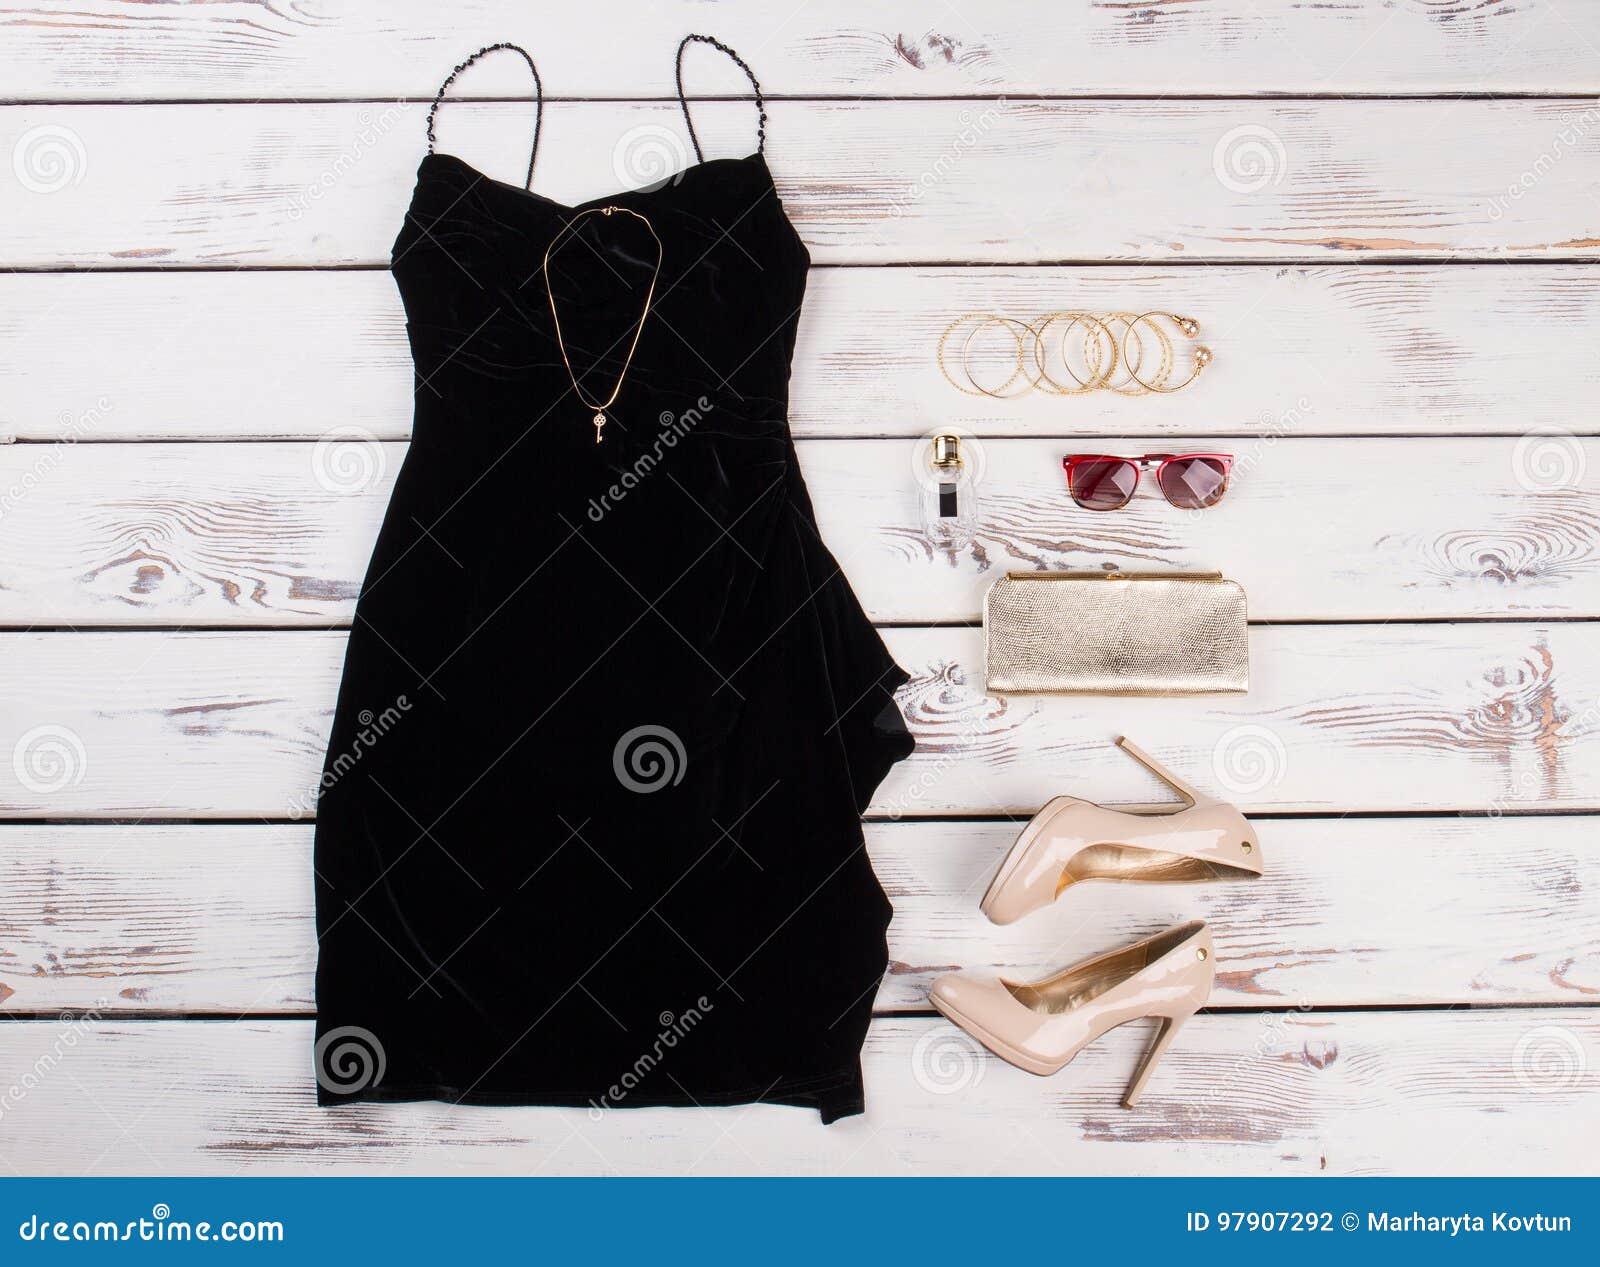 Accesorios para vestido beige con negro